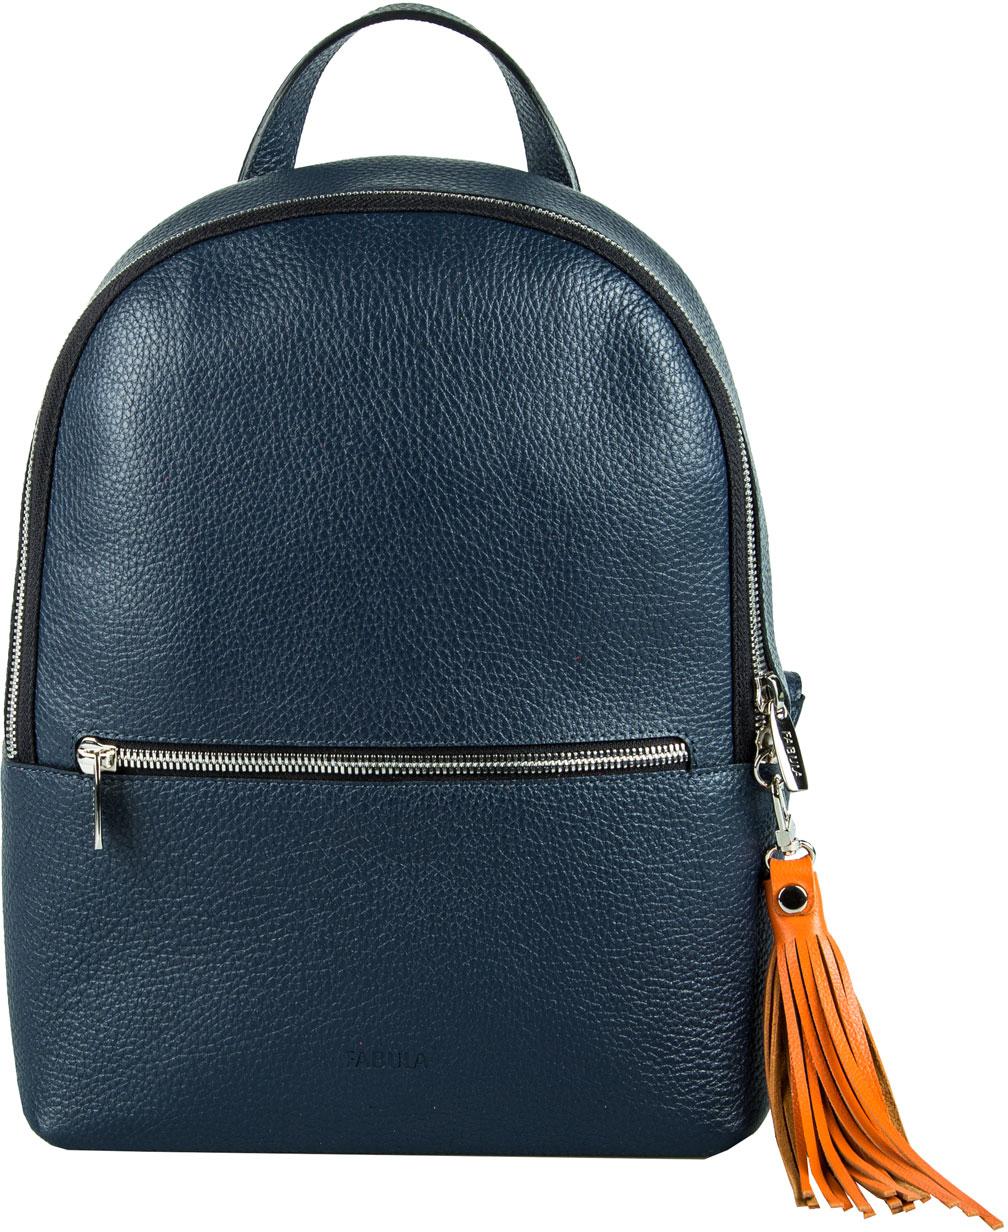 Сумка-рюкзак женская Fabula, цвет: темно-синий, оранжевый. S.273.BK